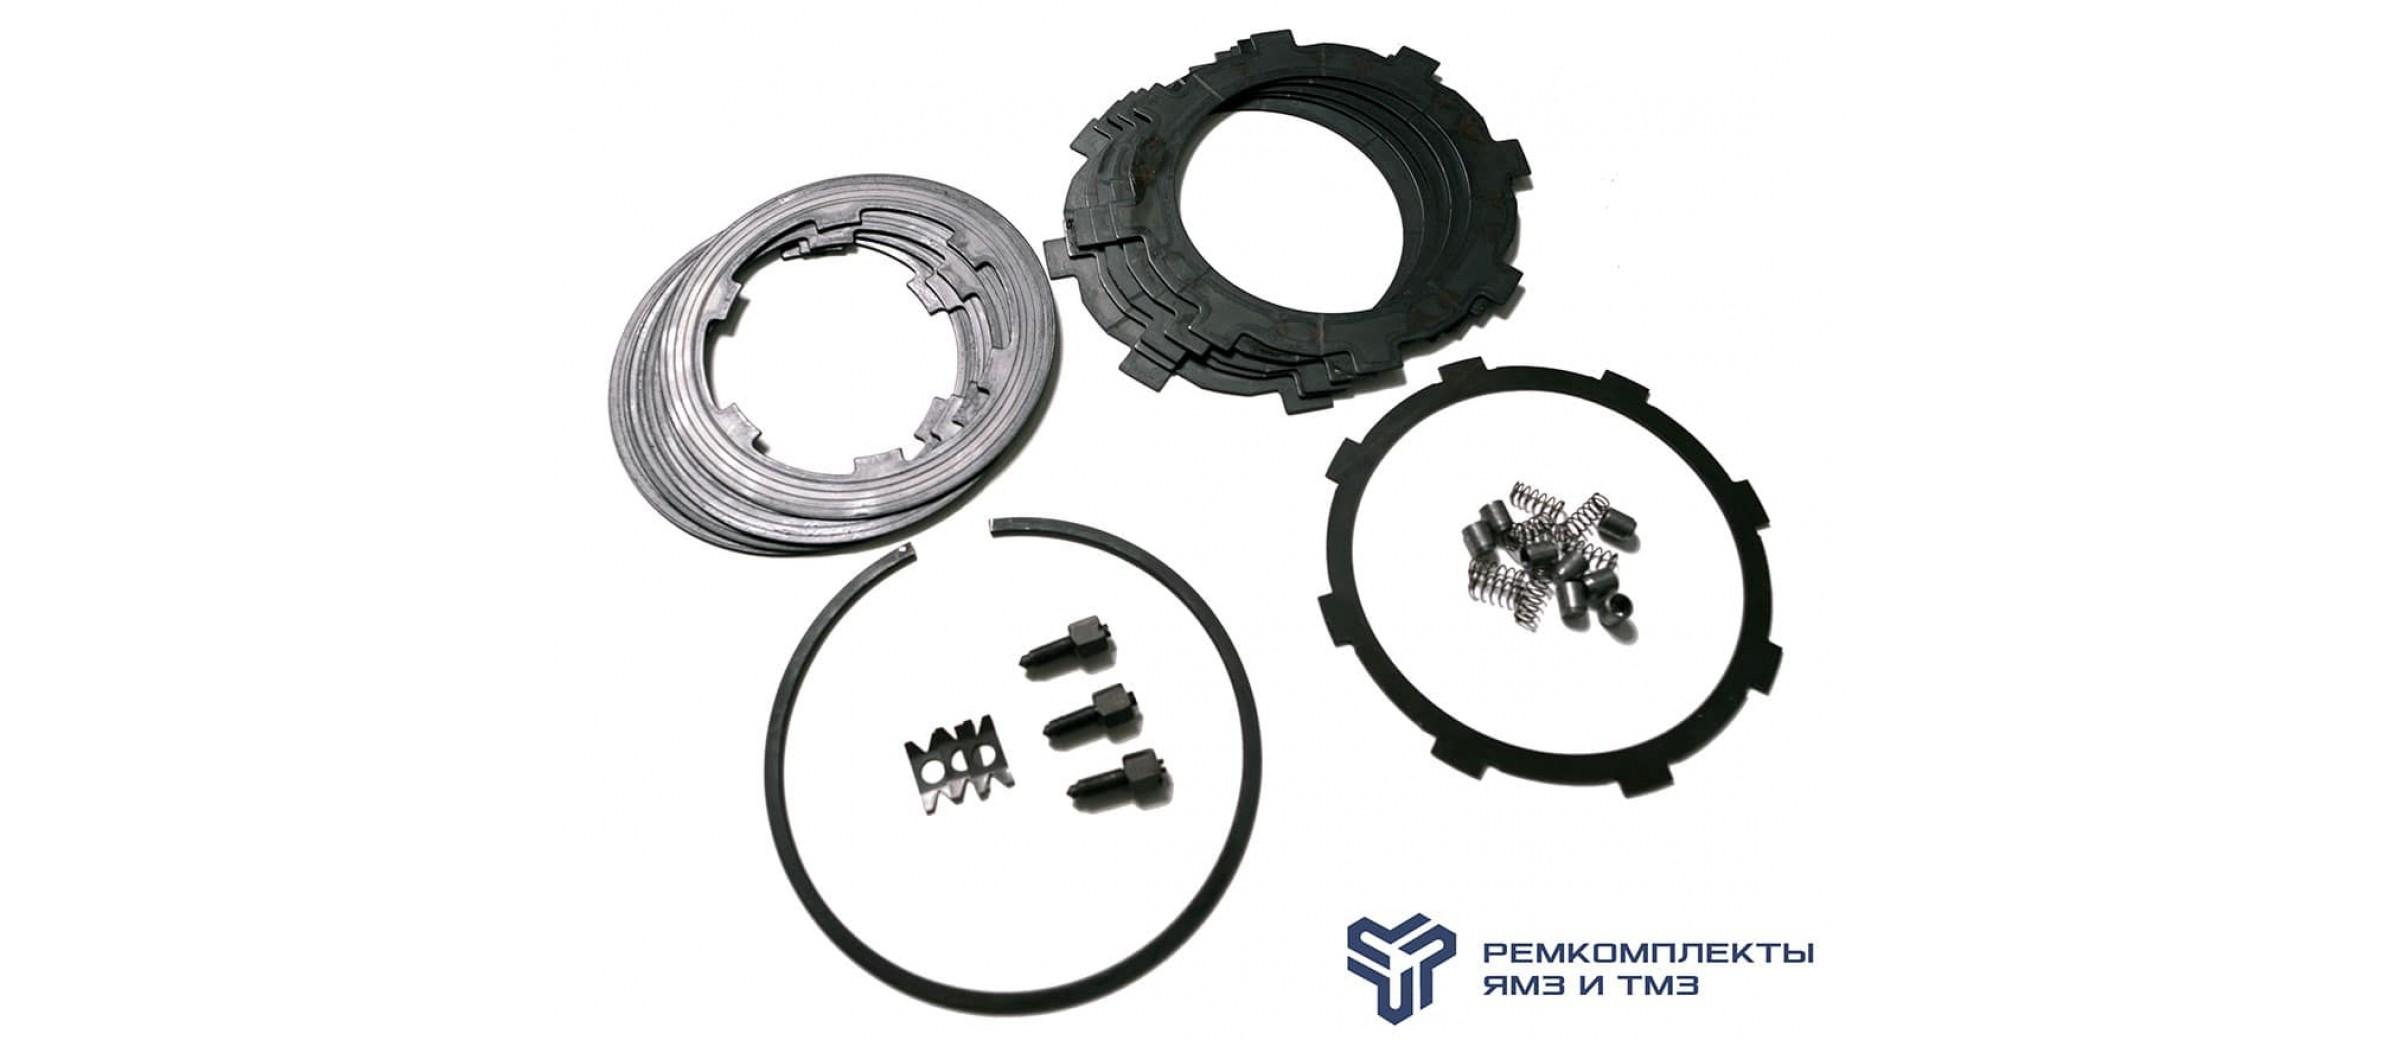 Ремкомплект демферных дисков малой обоймы синхронизатора КПП-238А